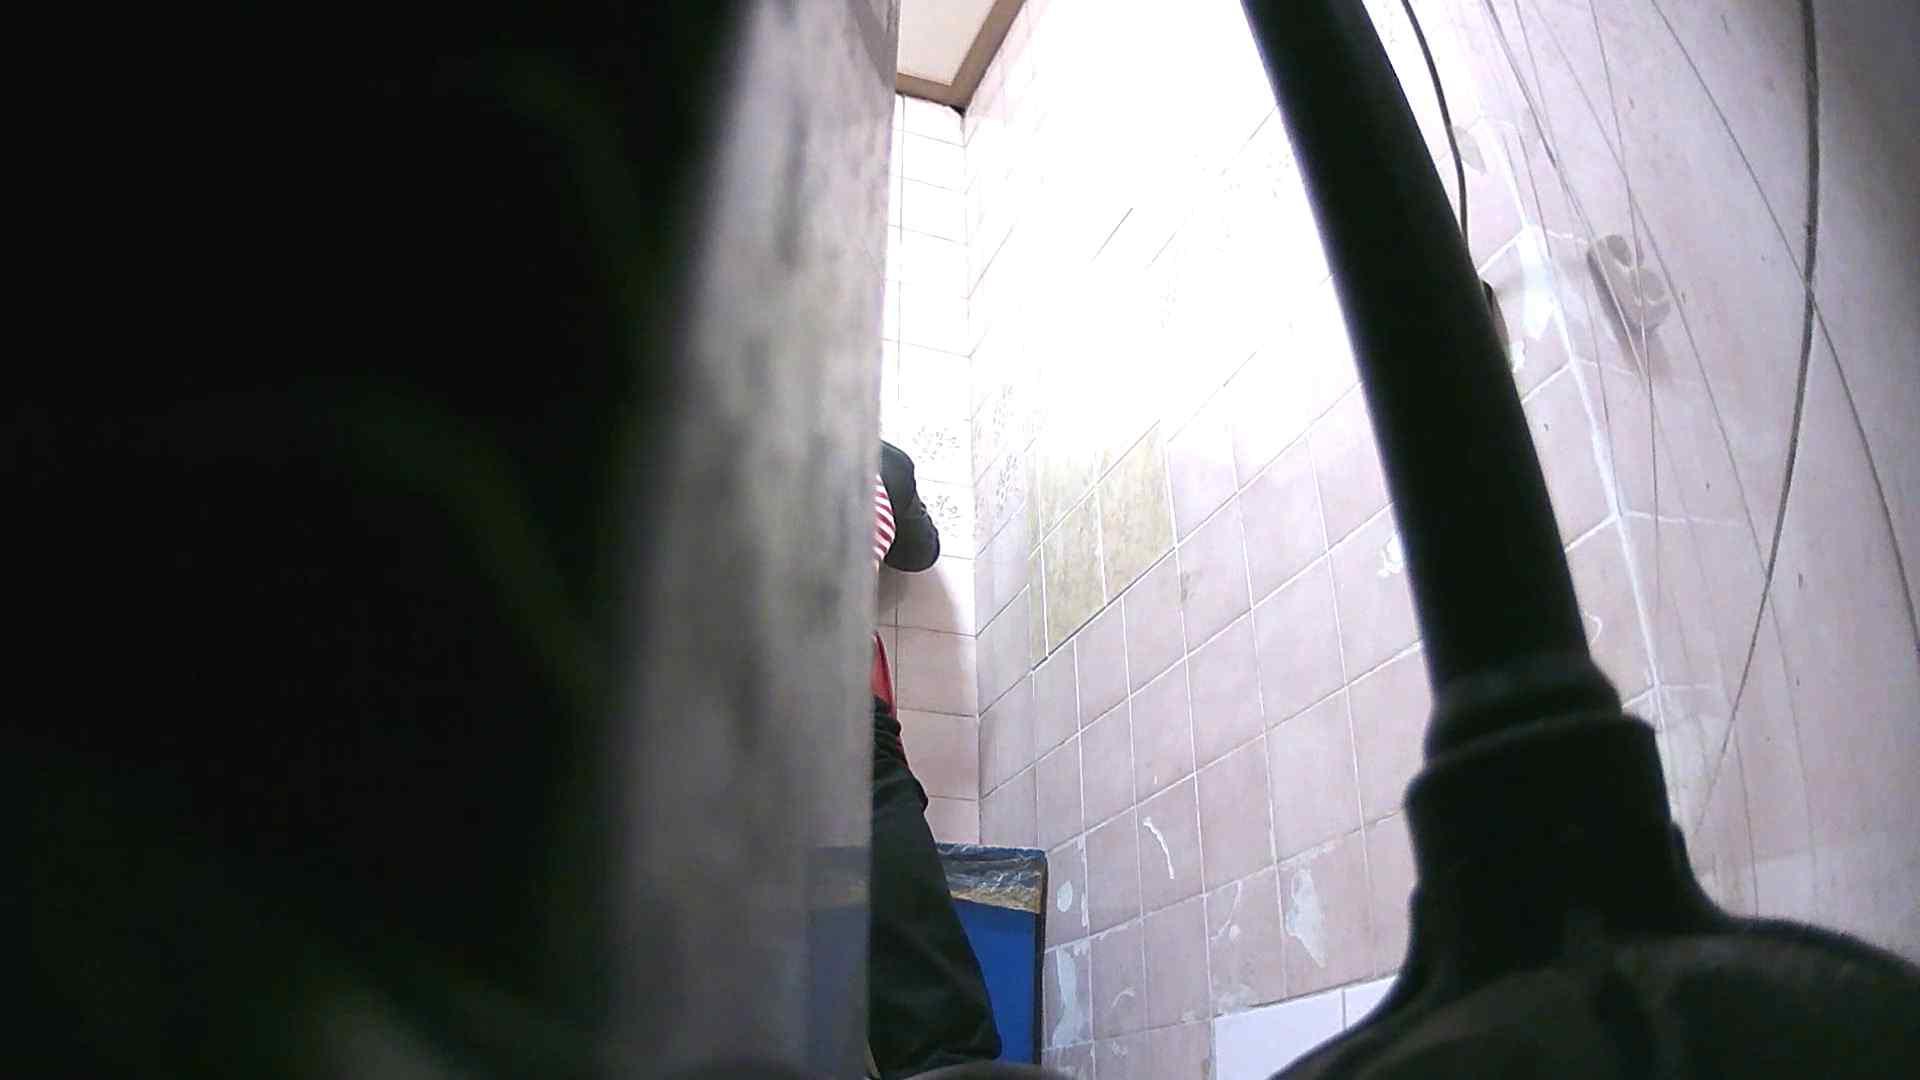 潜伏韓国トイレ北緯38度線!Vol.16 盗撮 | OLのエロ生活  100連発 16